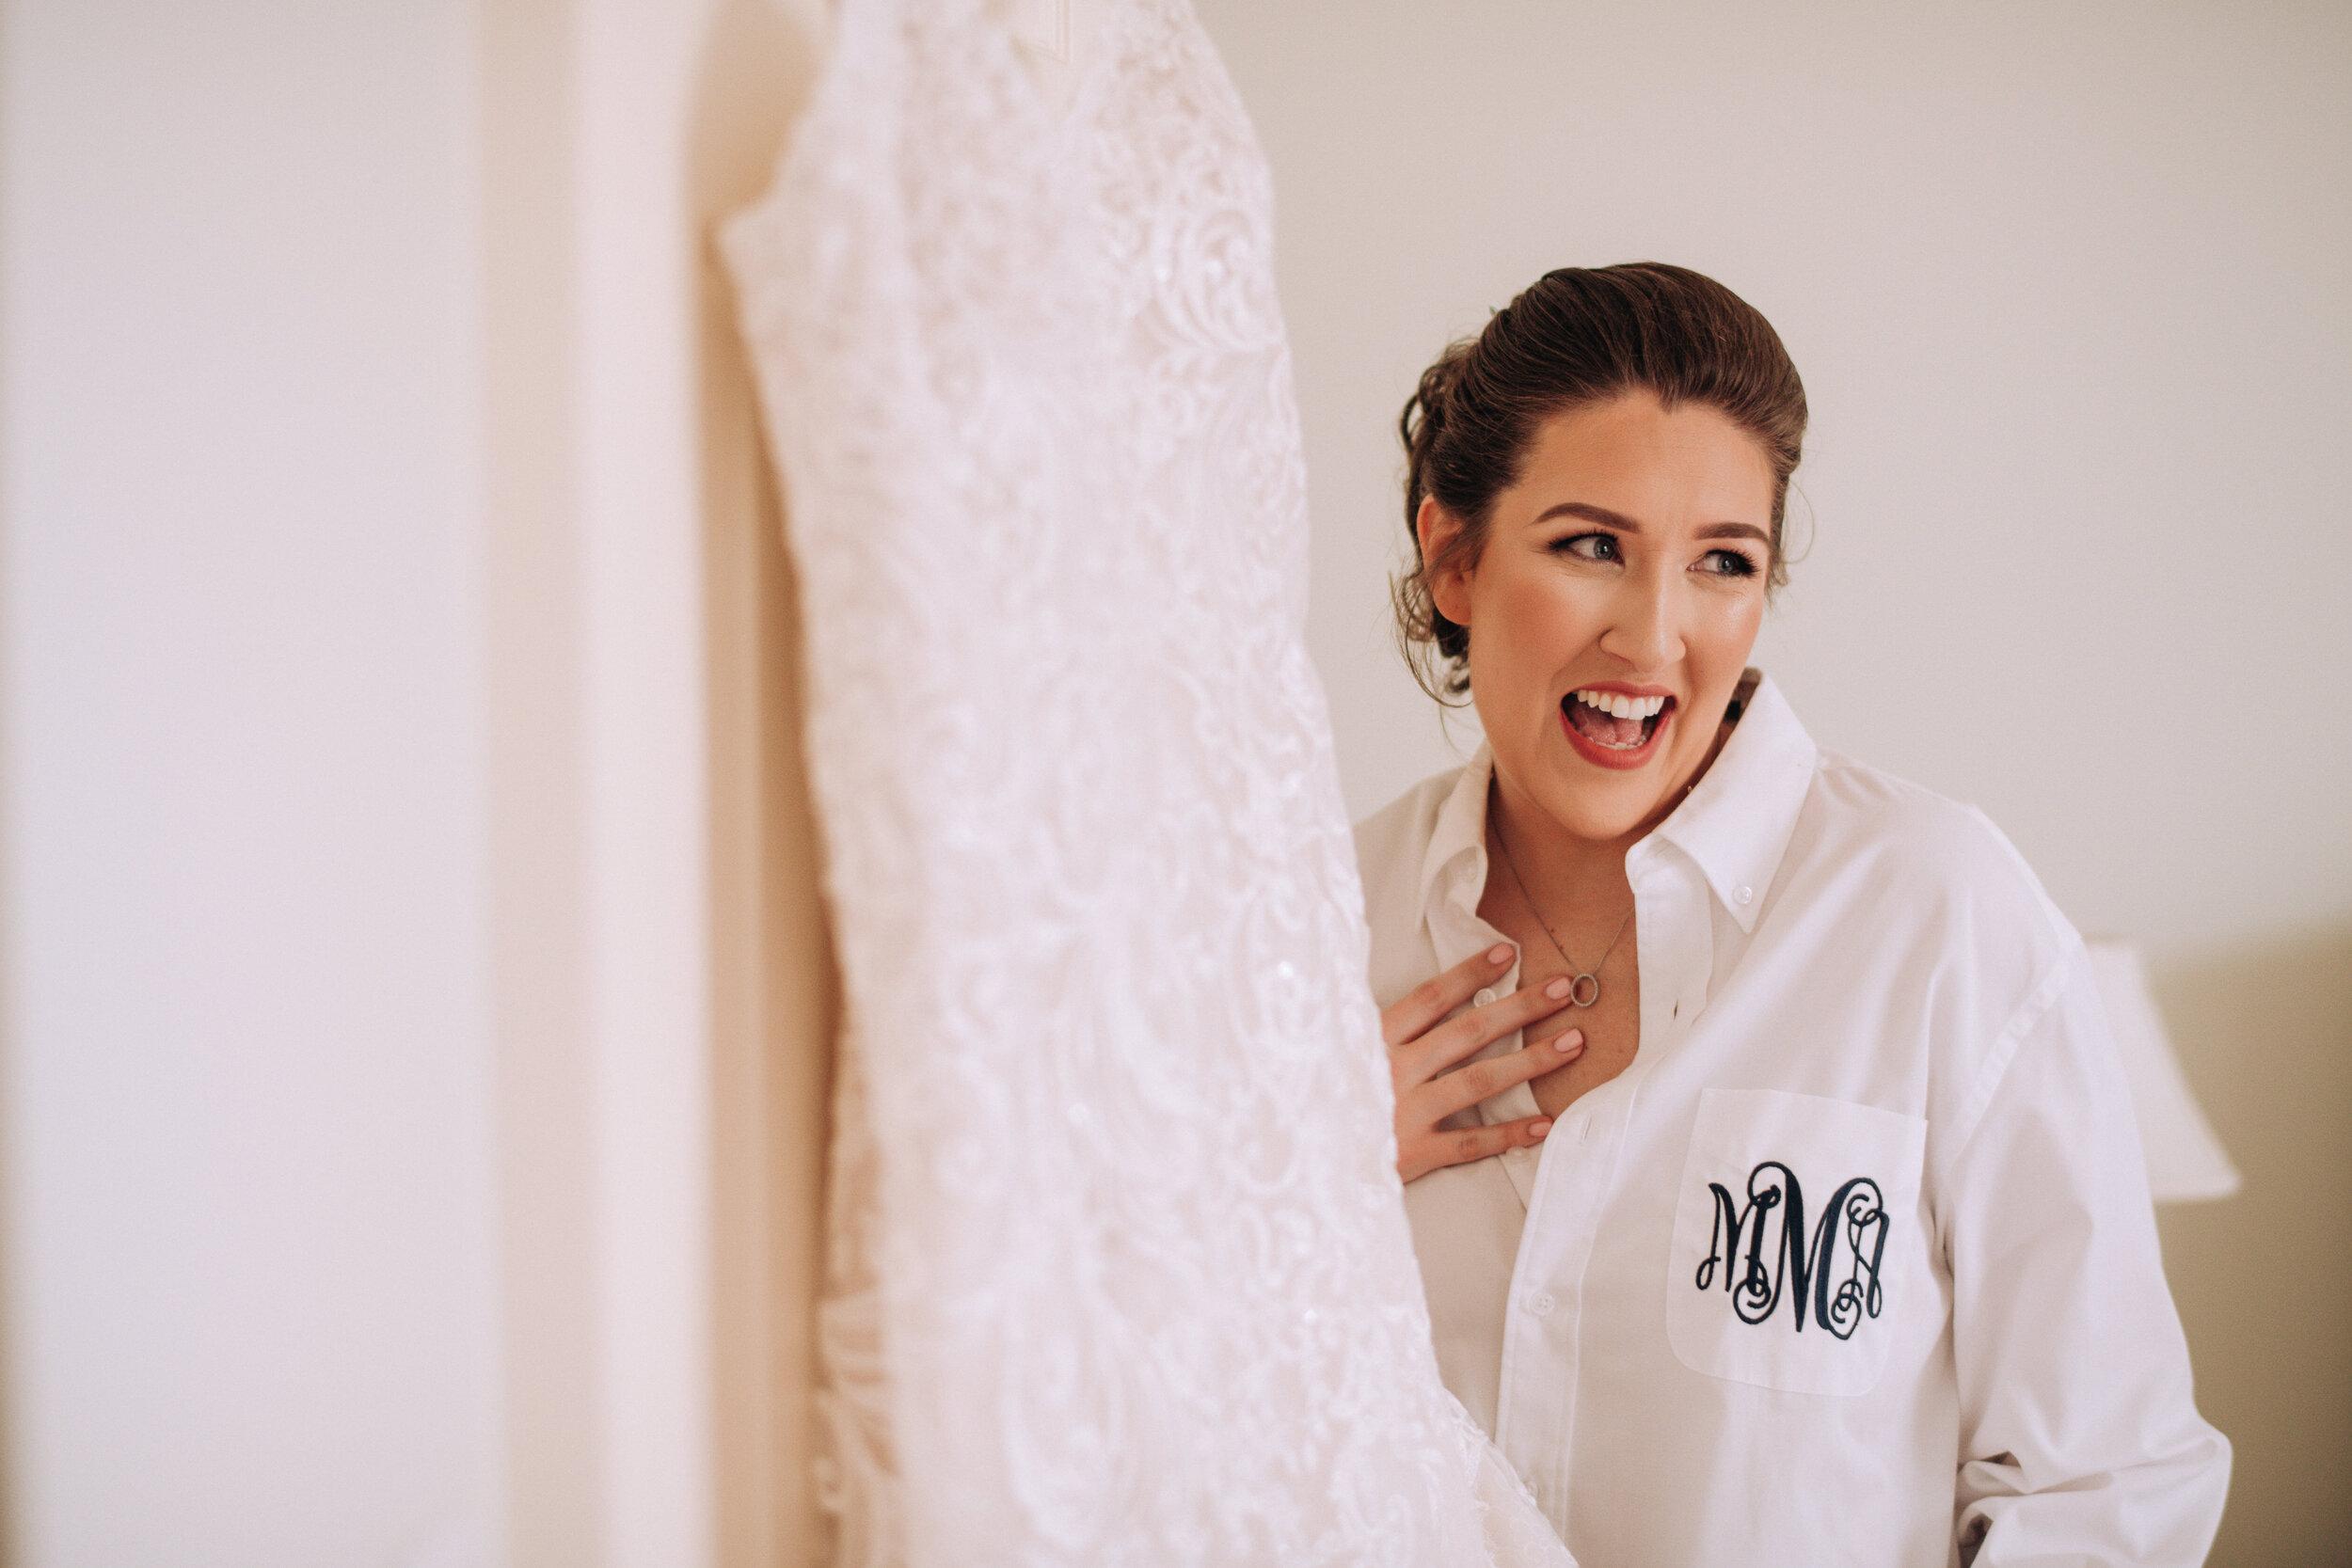 Rebecca Ingram-Rebecca Ingram Bride-Savannah-Savannah bride-Ivory and Beau-Ivory and Beau-Savannah weddings.jpg